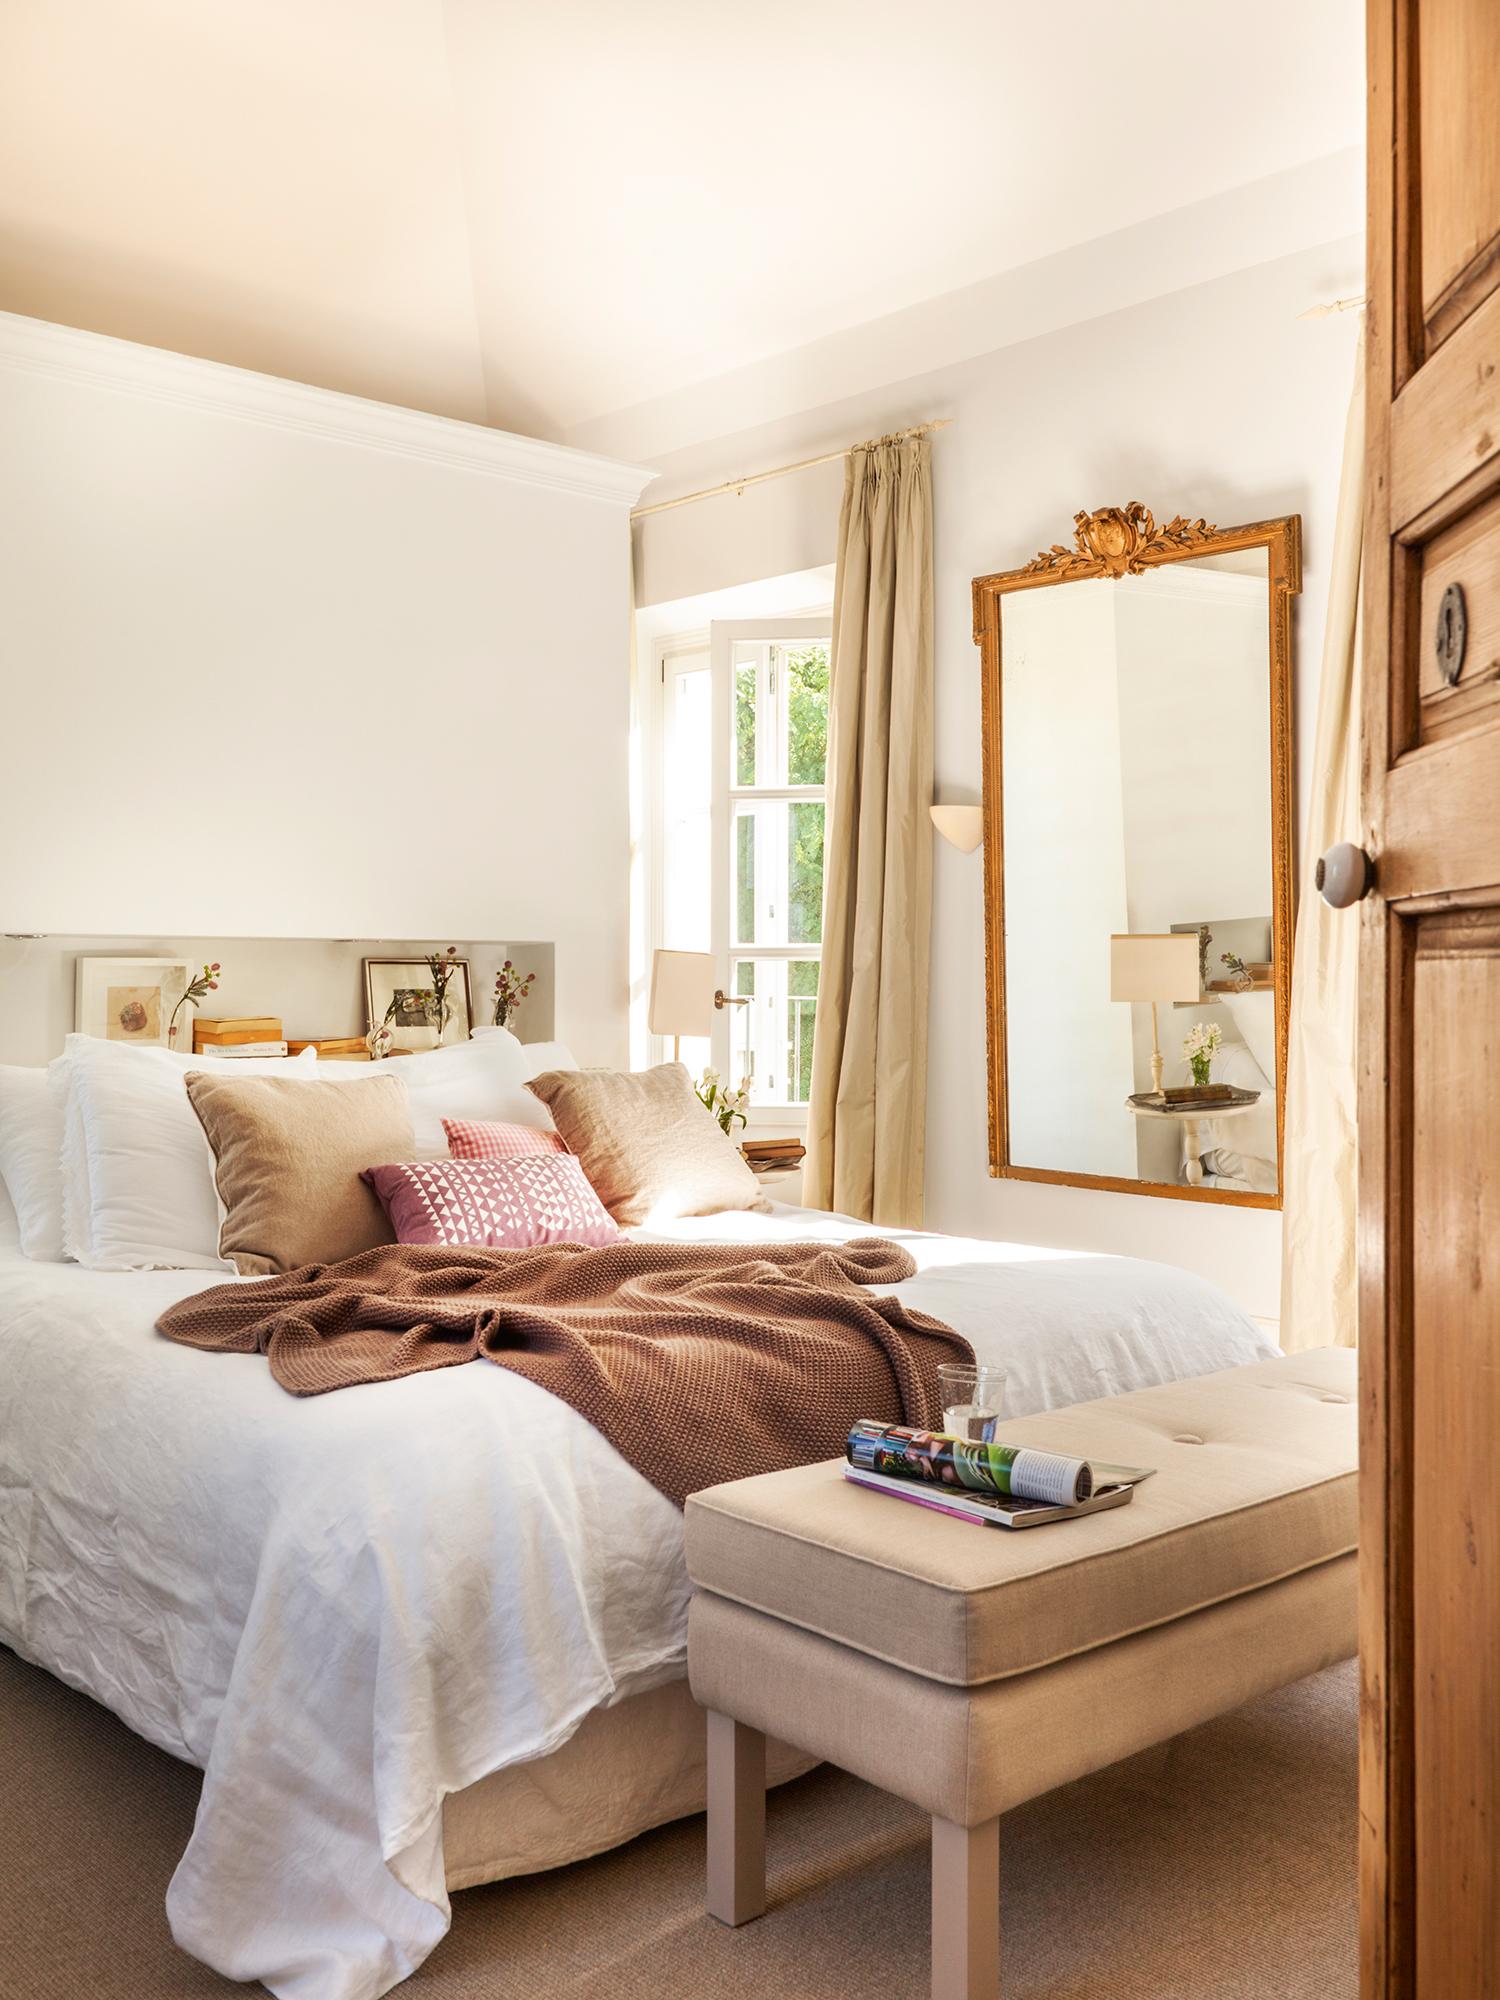 20 dormitorios de todos los estilos for Muebles juveniles lacados en blanco